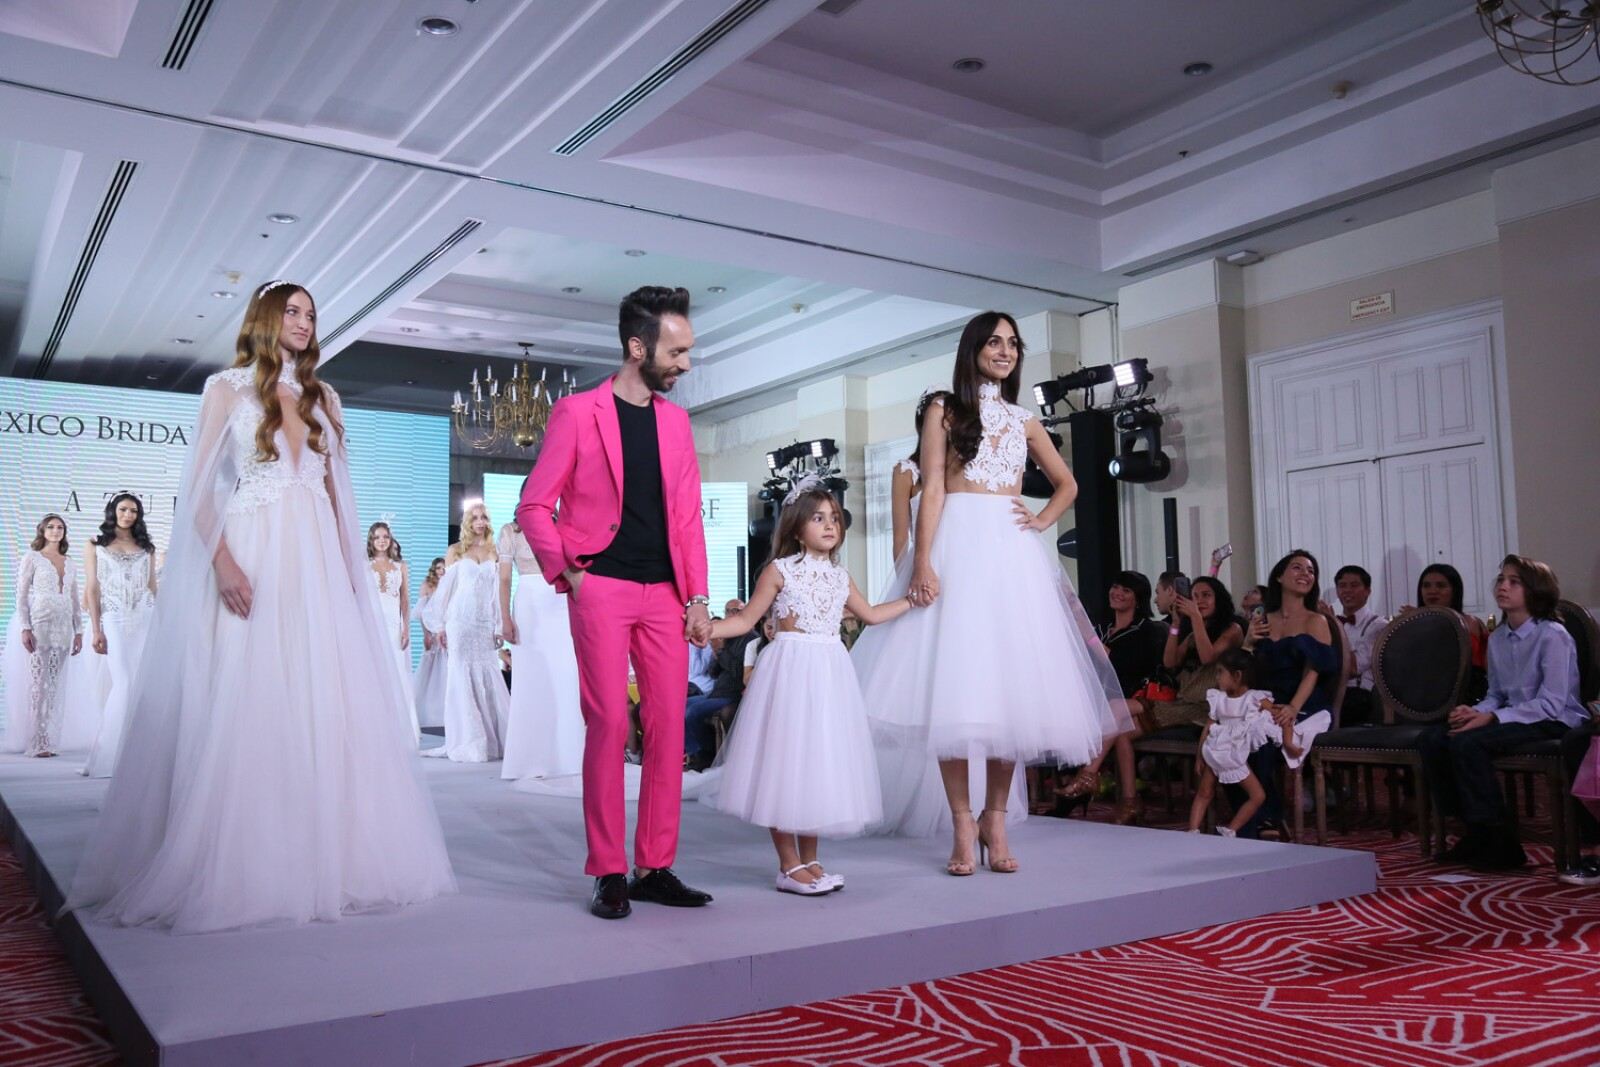 México Bridal Fashion 2019, 2ª Edición